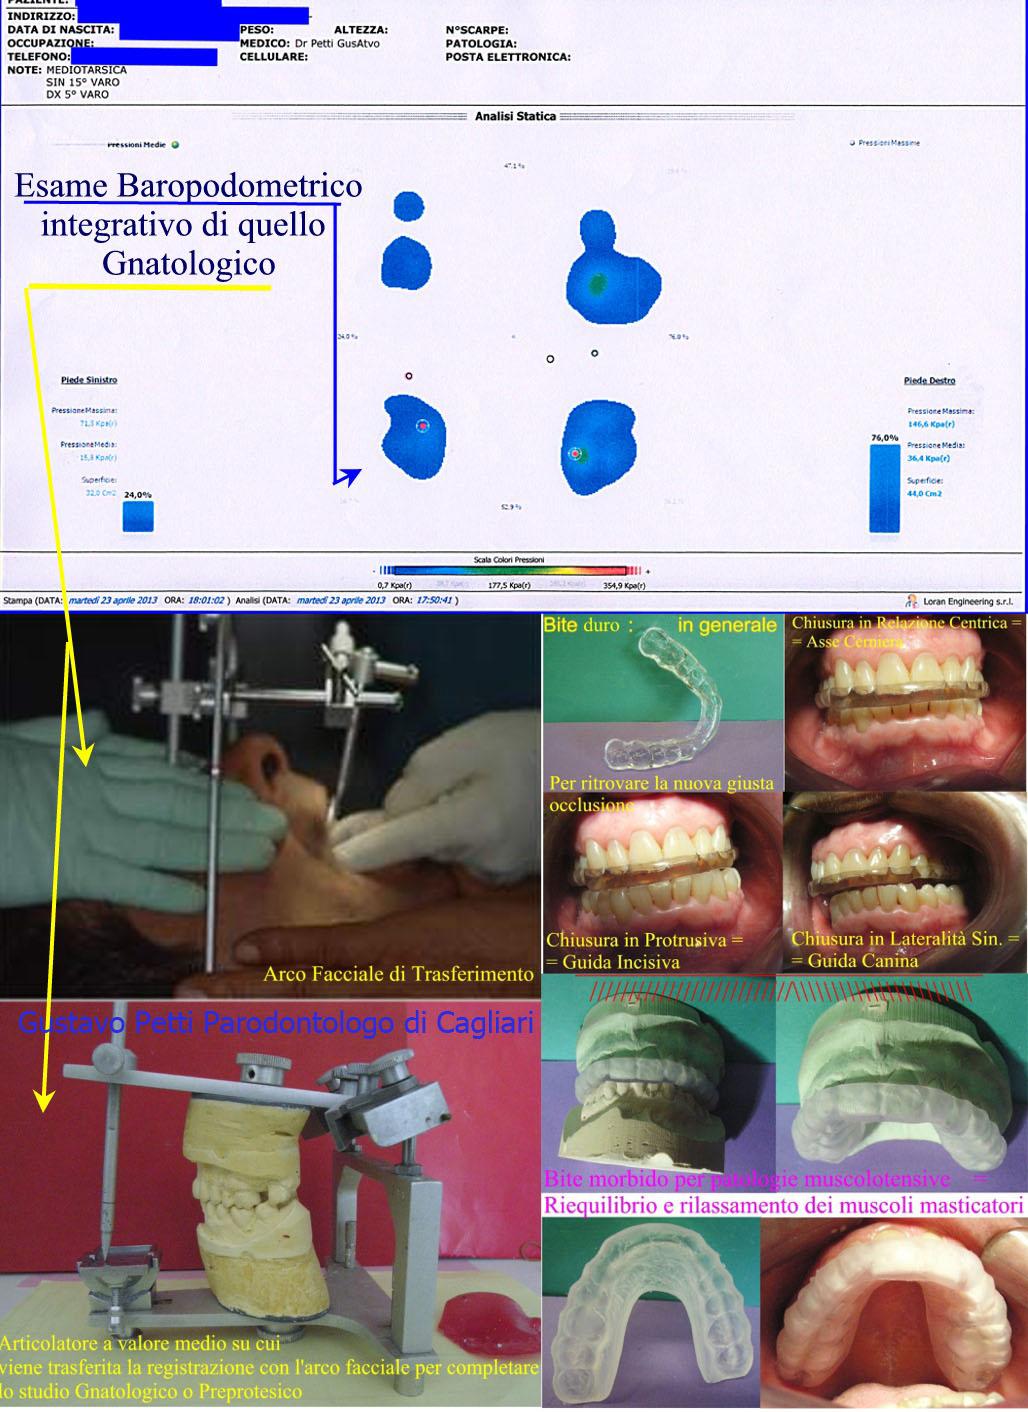 Arco Facciale, Stabilometria Computerizzata e Vari Tipi di Bite come parte parzialissima di Valutazioni Gnatologiche. Da Dr. Gustavo Petti Parodontologo Gnatologo Riabilitatore Orale in Casi Clinici Complessi, di Cagliari